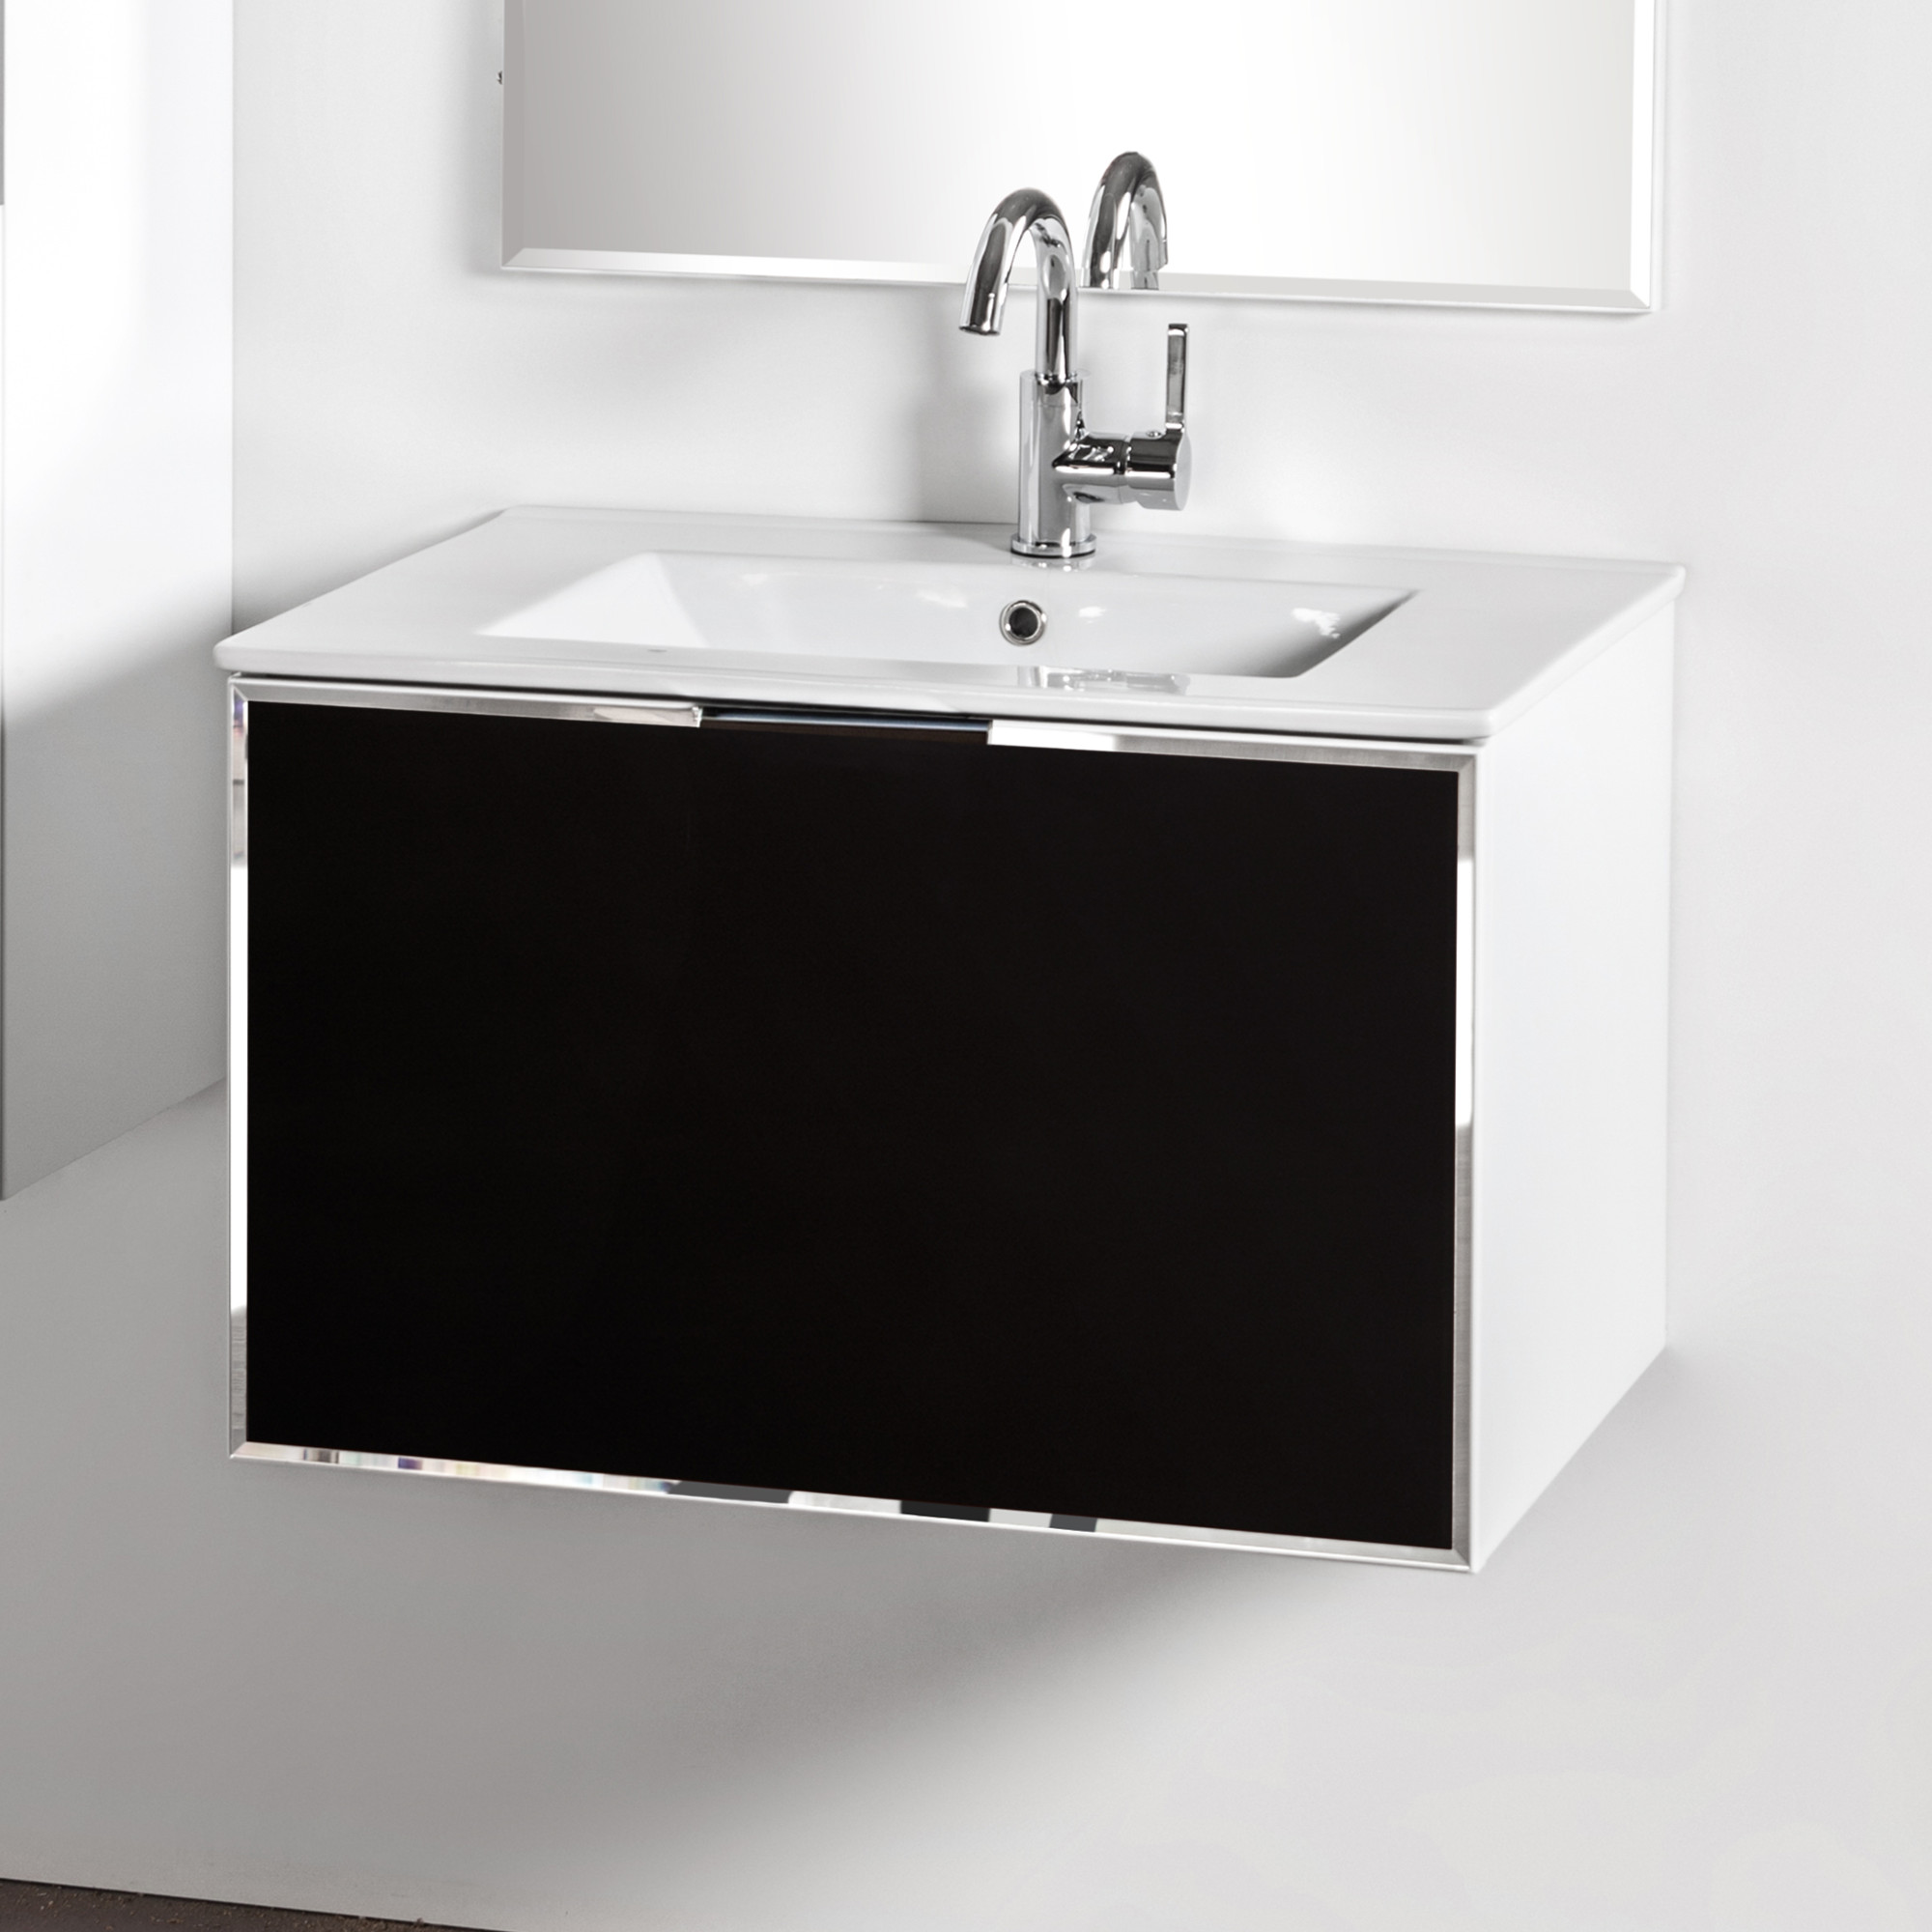 Szafka łazienkowa Sanitti Delta kolor frontu czarny 70 cm z umywalką UMW-70